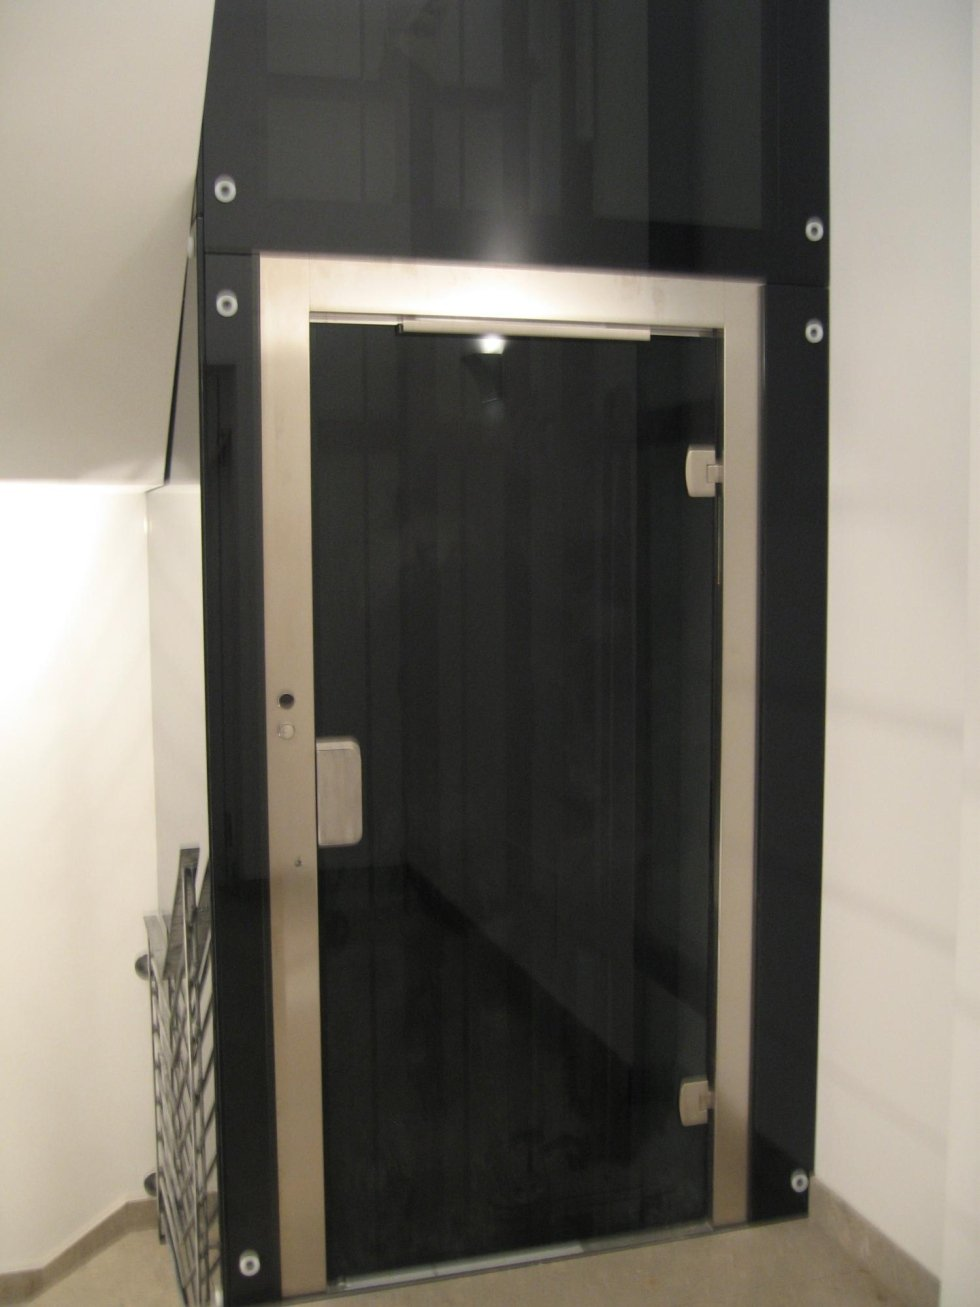 cabina in vetro con piattaforma elevatrice nera